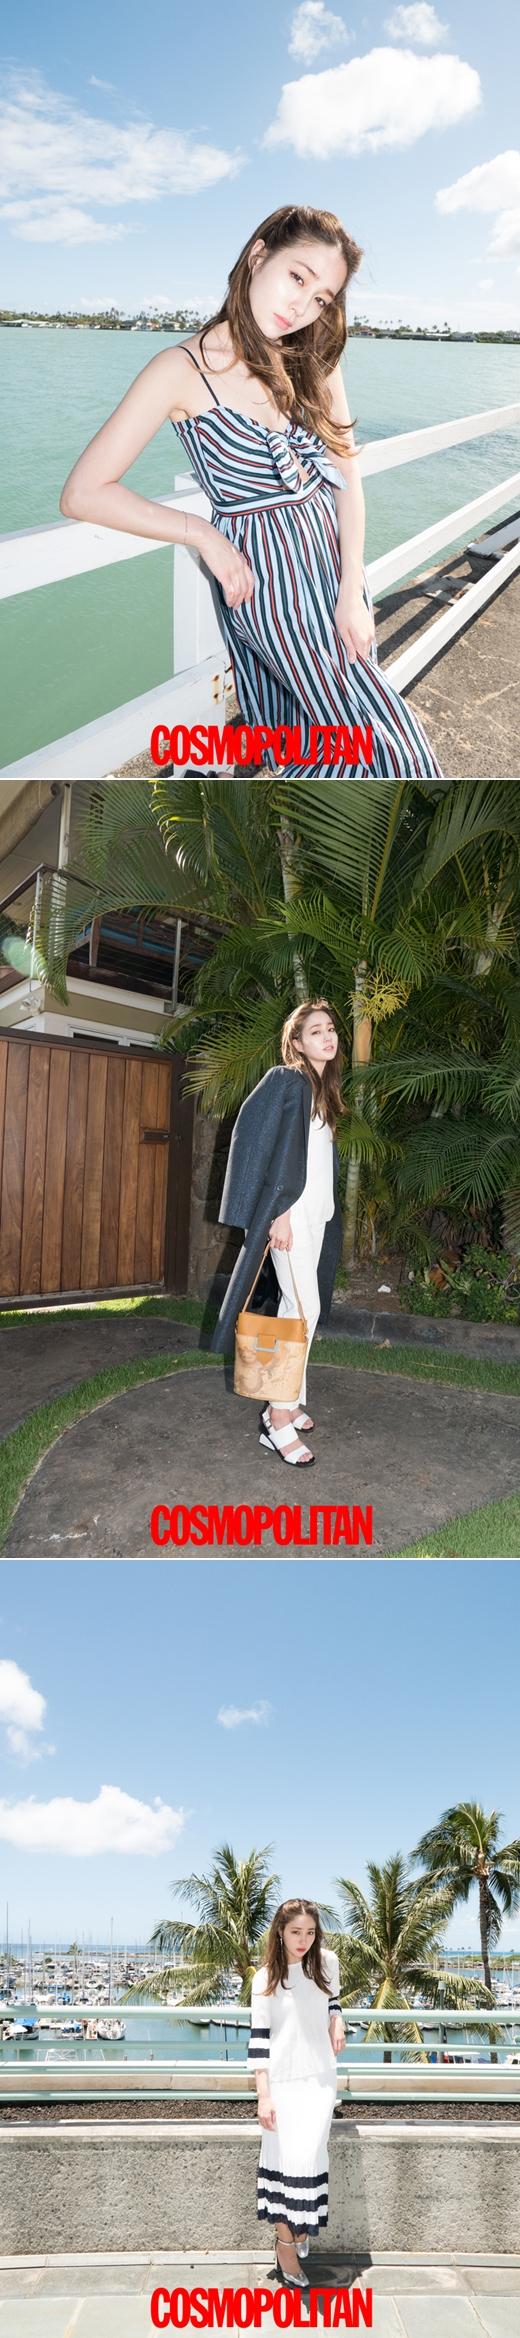 이민정 하와이 화보, '청순하게, 시크하게'